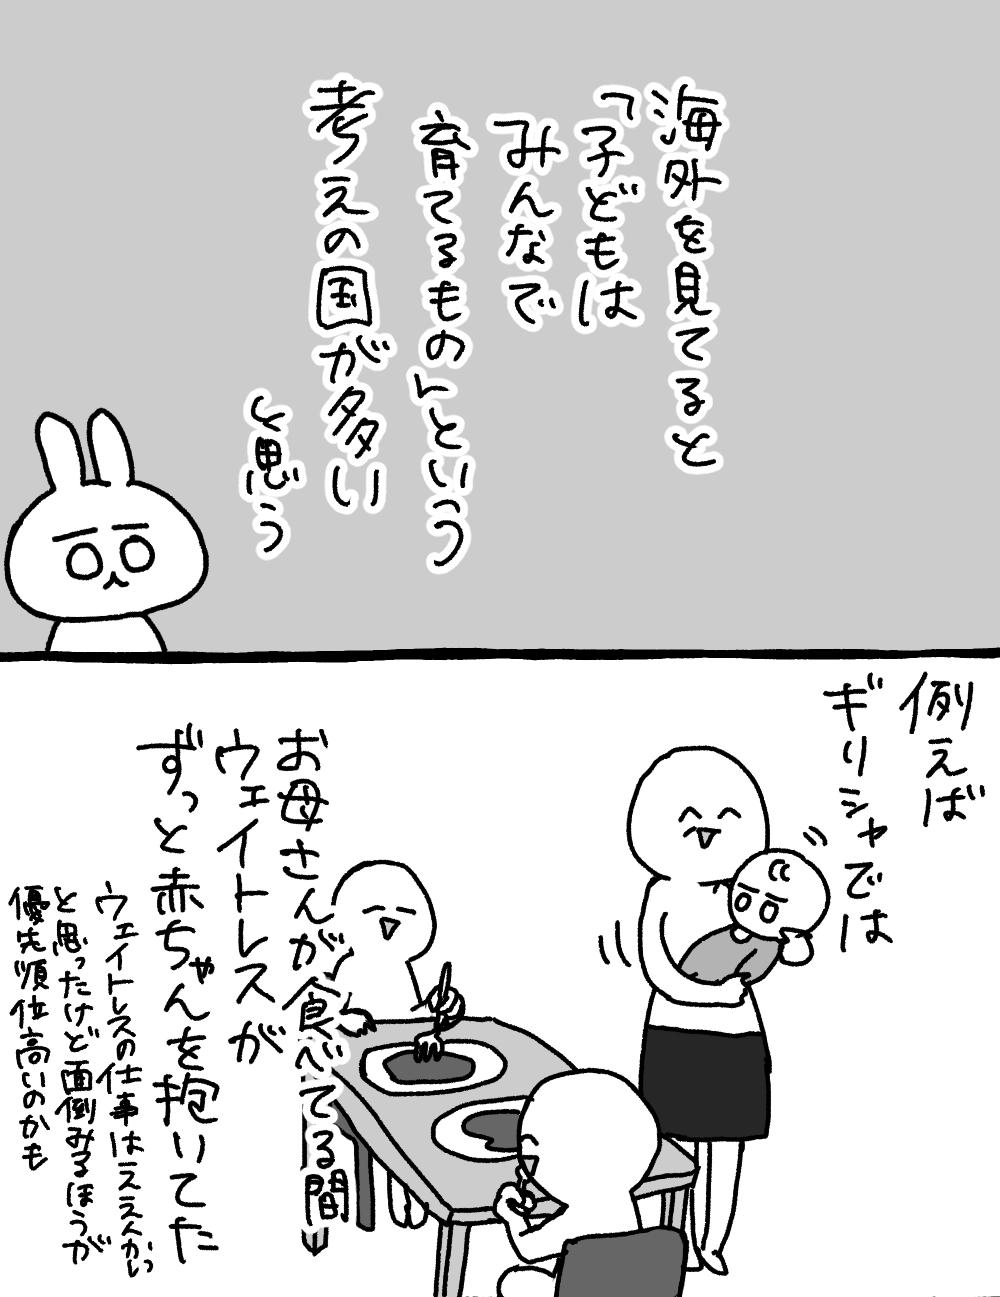 「みんなで子育てする」という考えが日本を救うのではと思った話